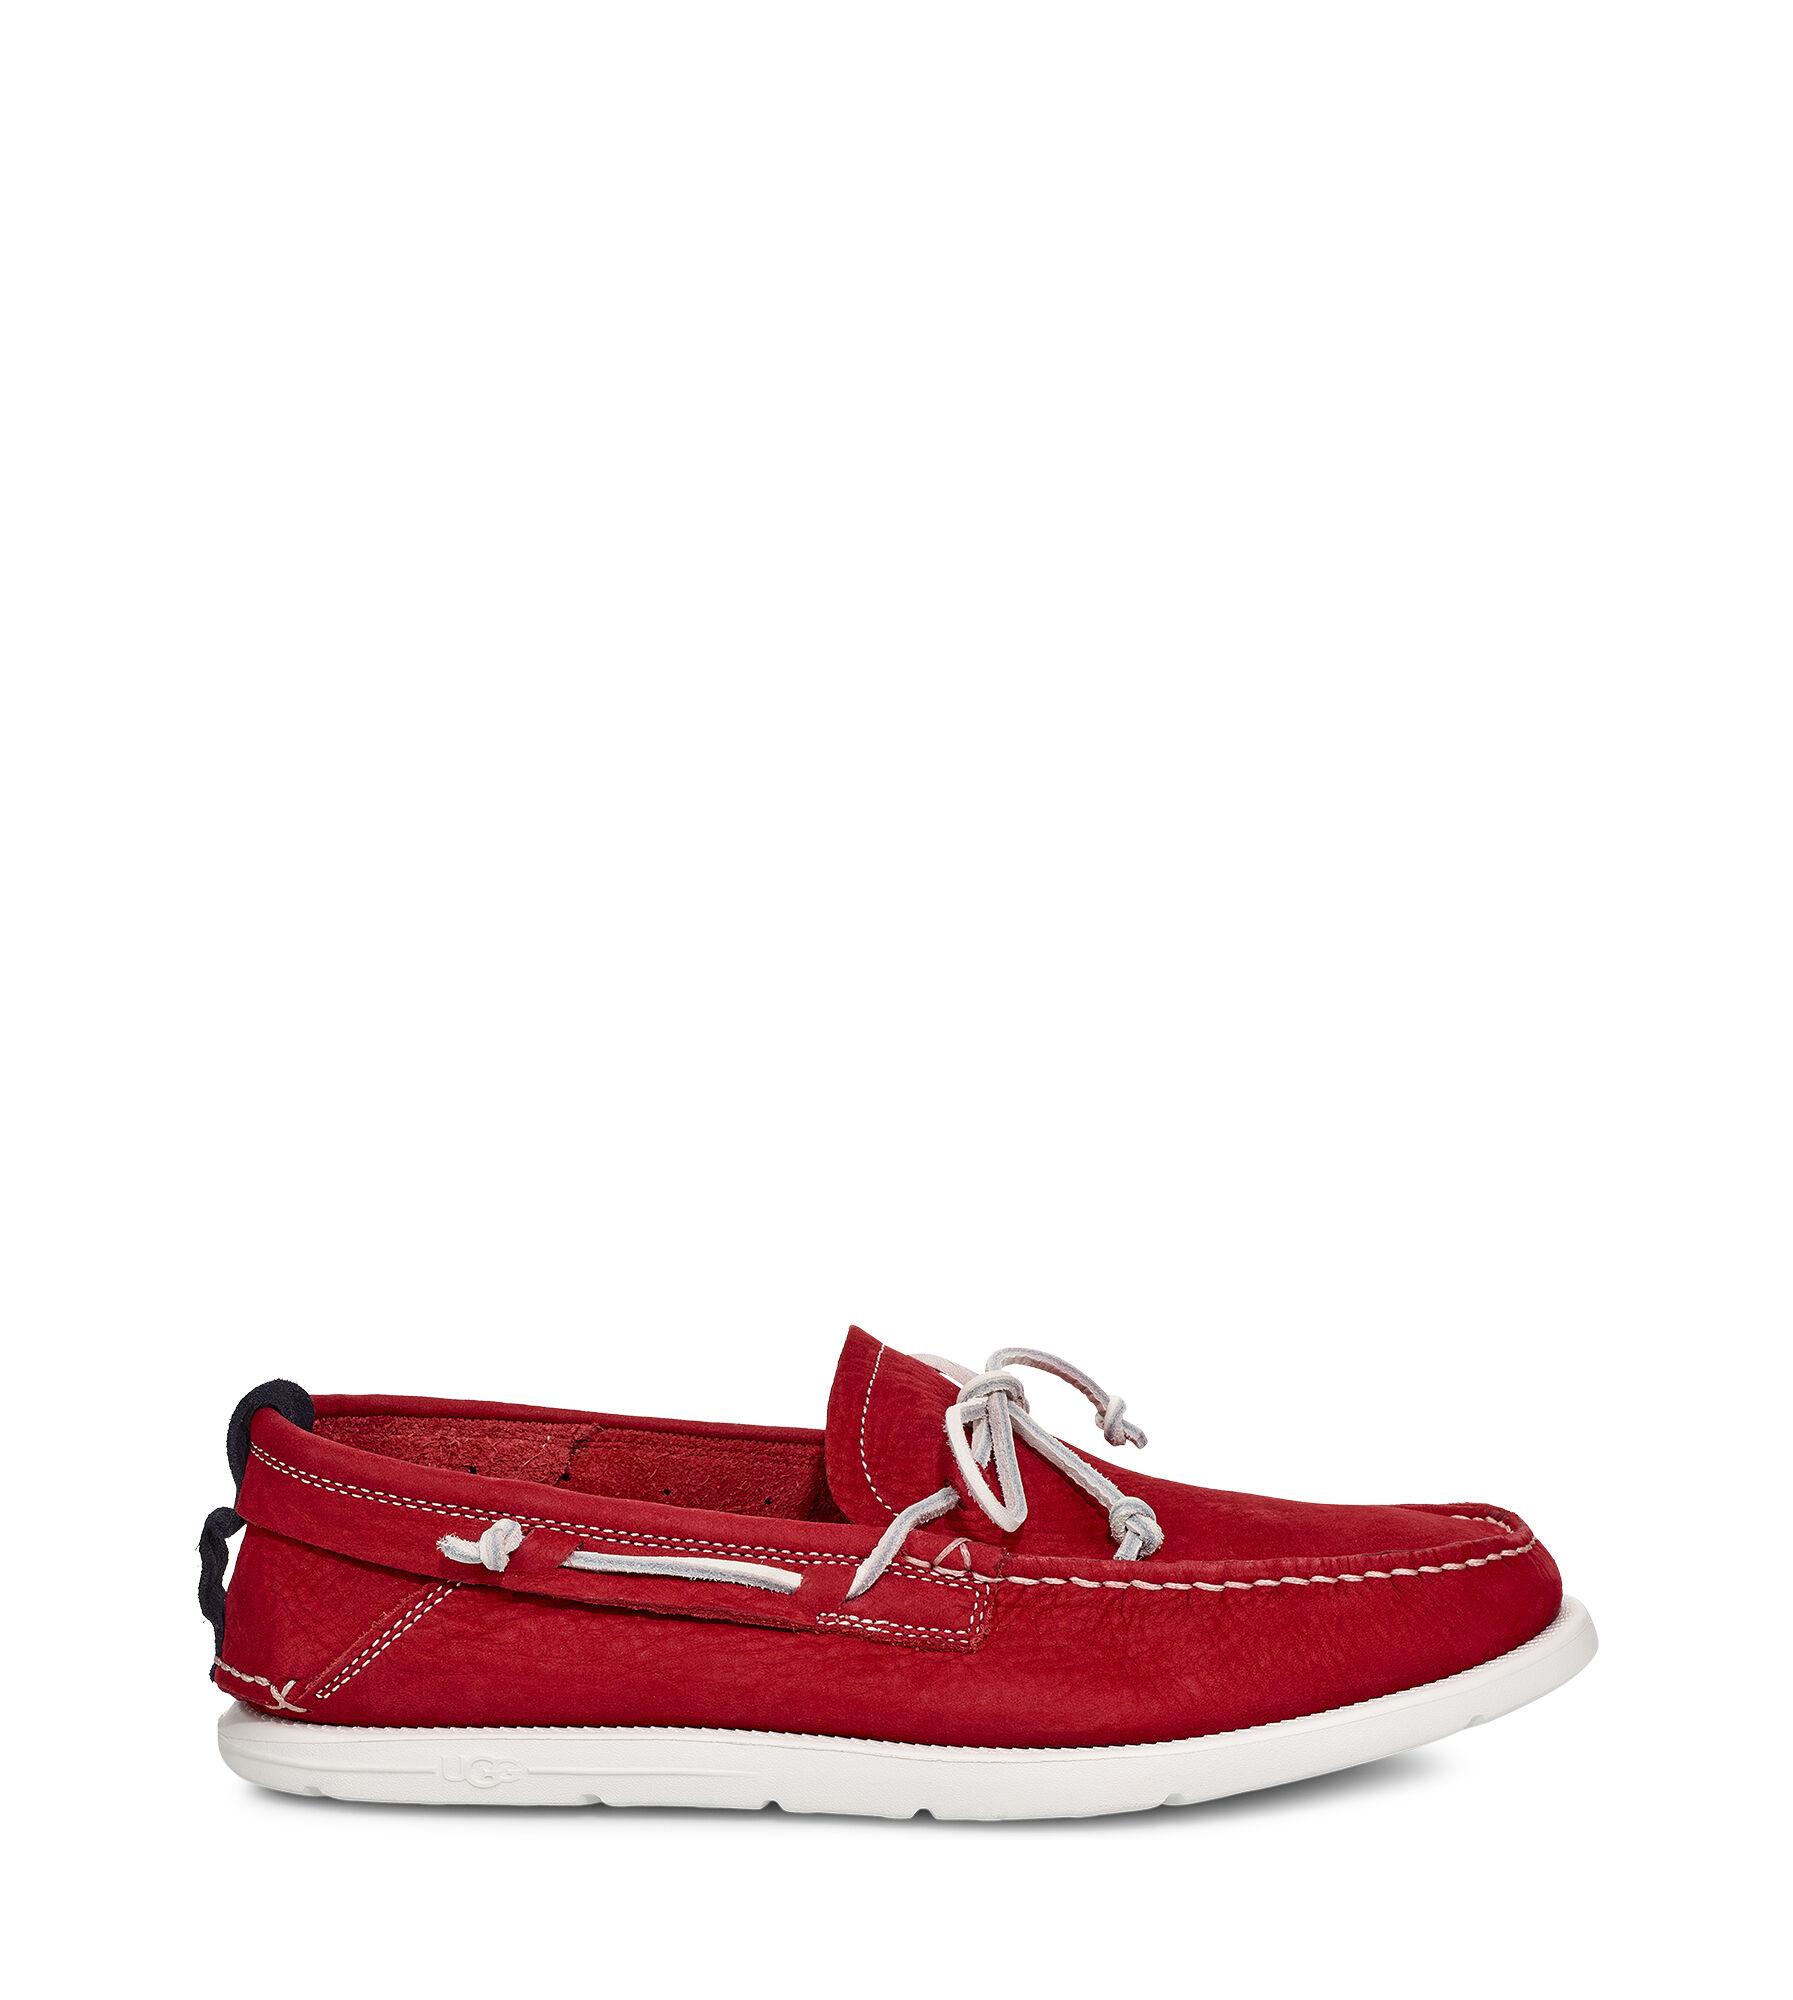 scarpe estive uomo ugg